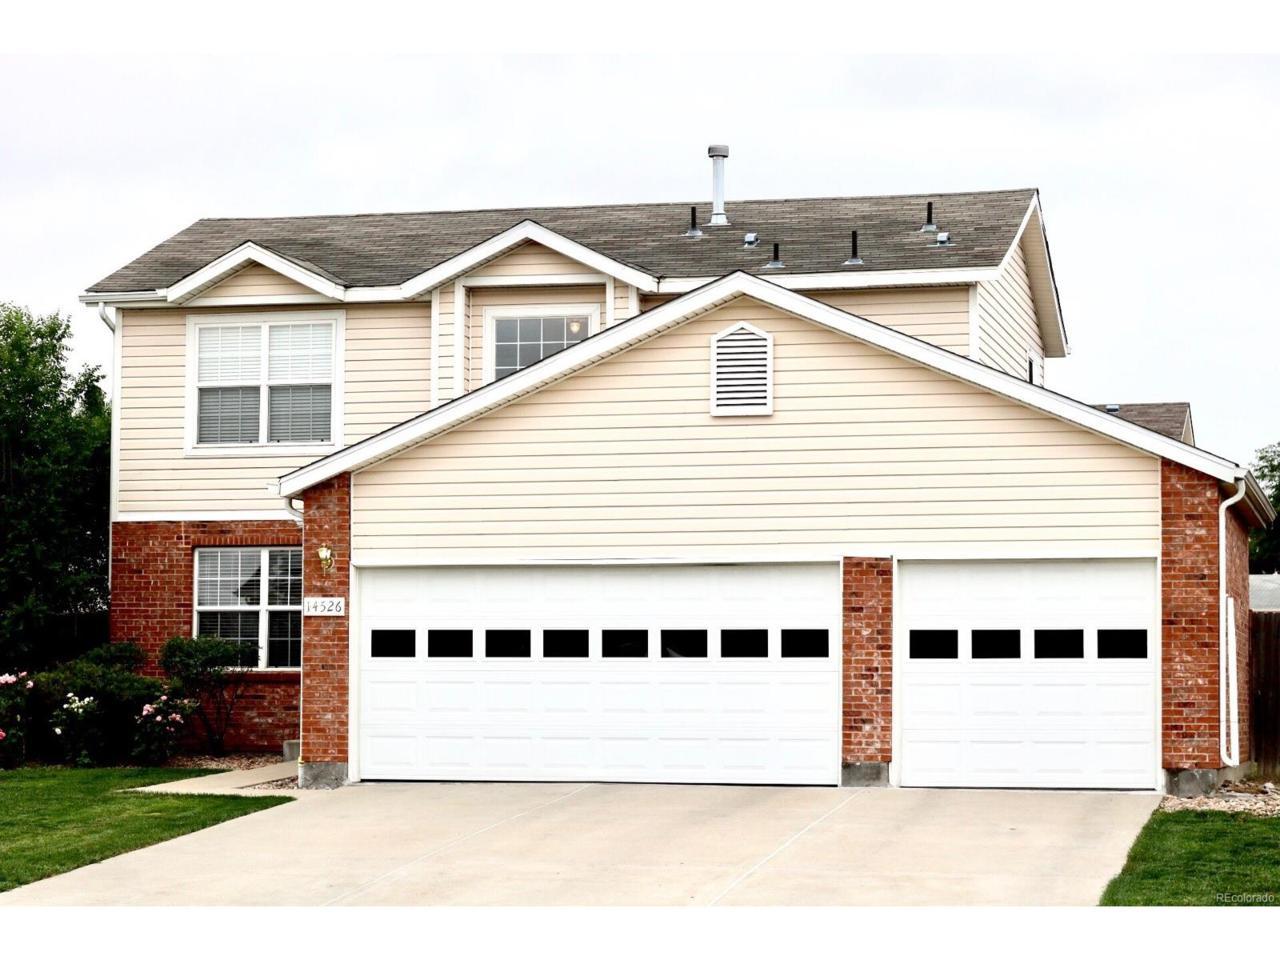 14526 E 26th Place, Aurora, CO 80011 (MLS #5080930) :: 8z Real Estate